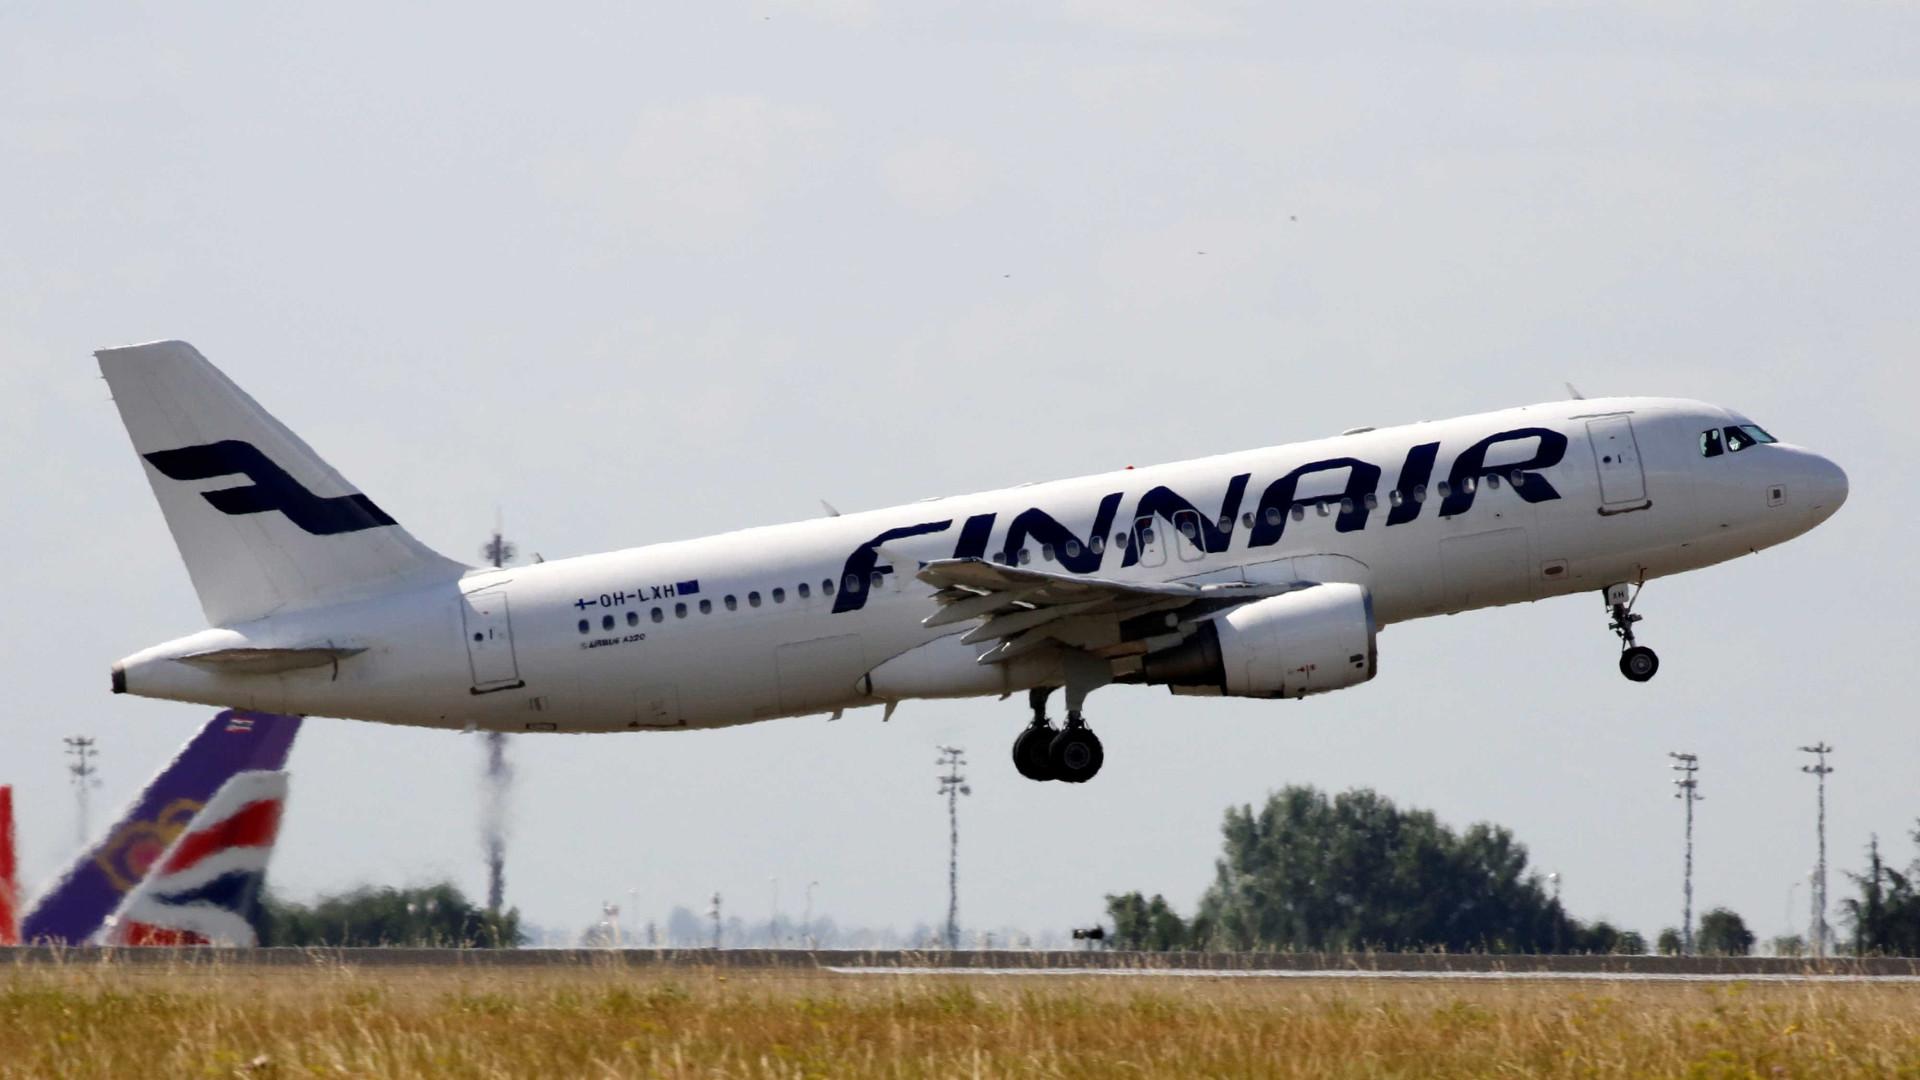 Companhia aérea vai pesar passageiros antes de cada voo